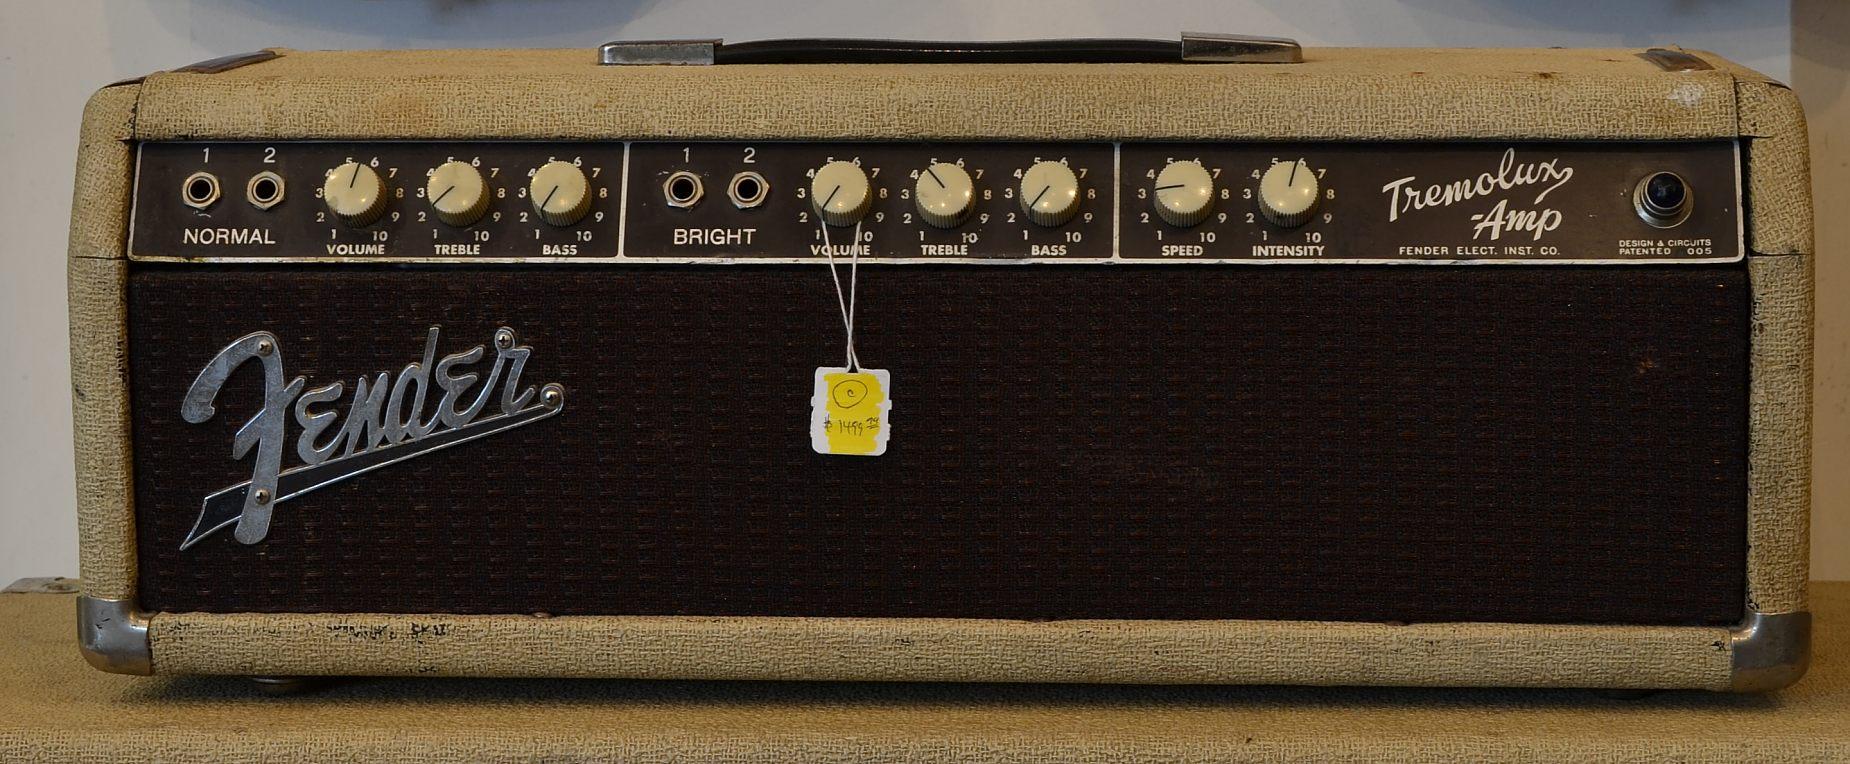 Fender Tremolux Head and Cab 1962  www12fretcom